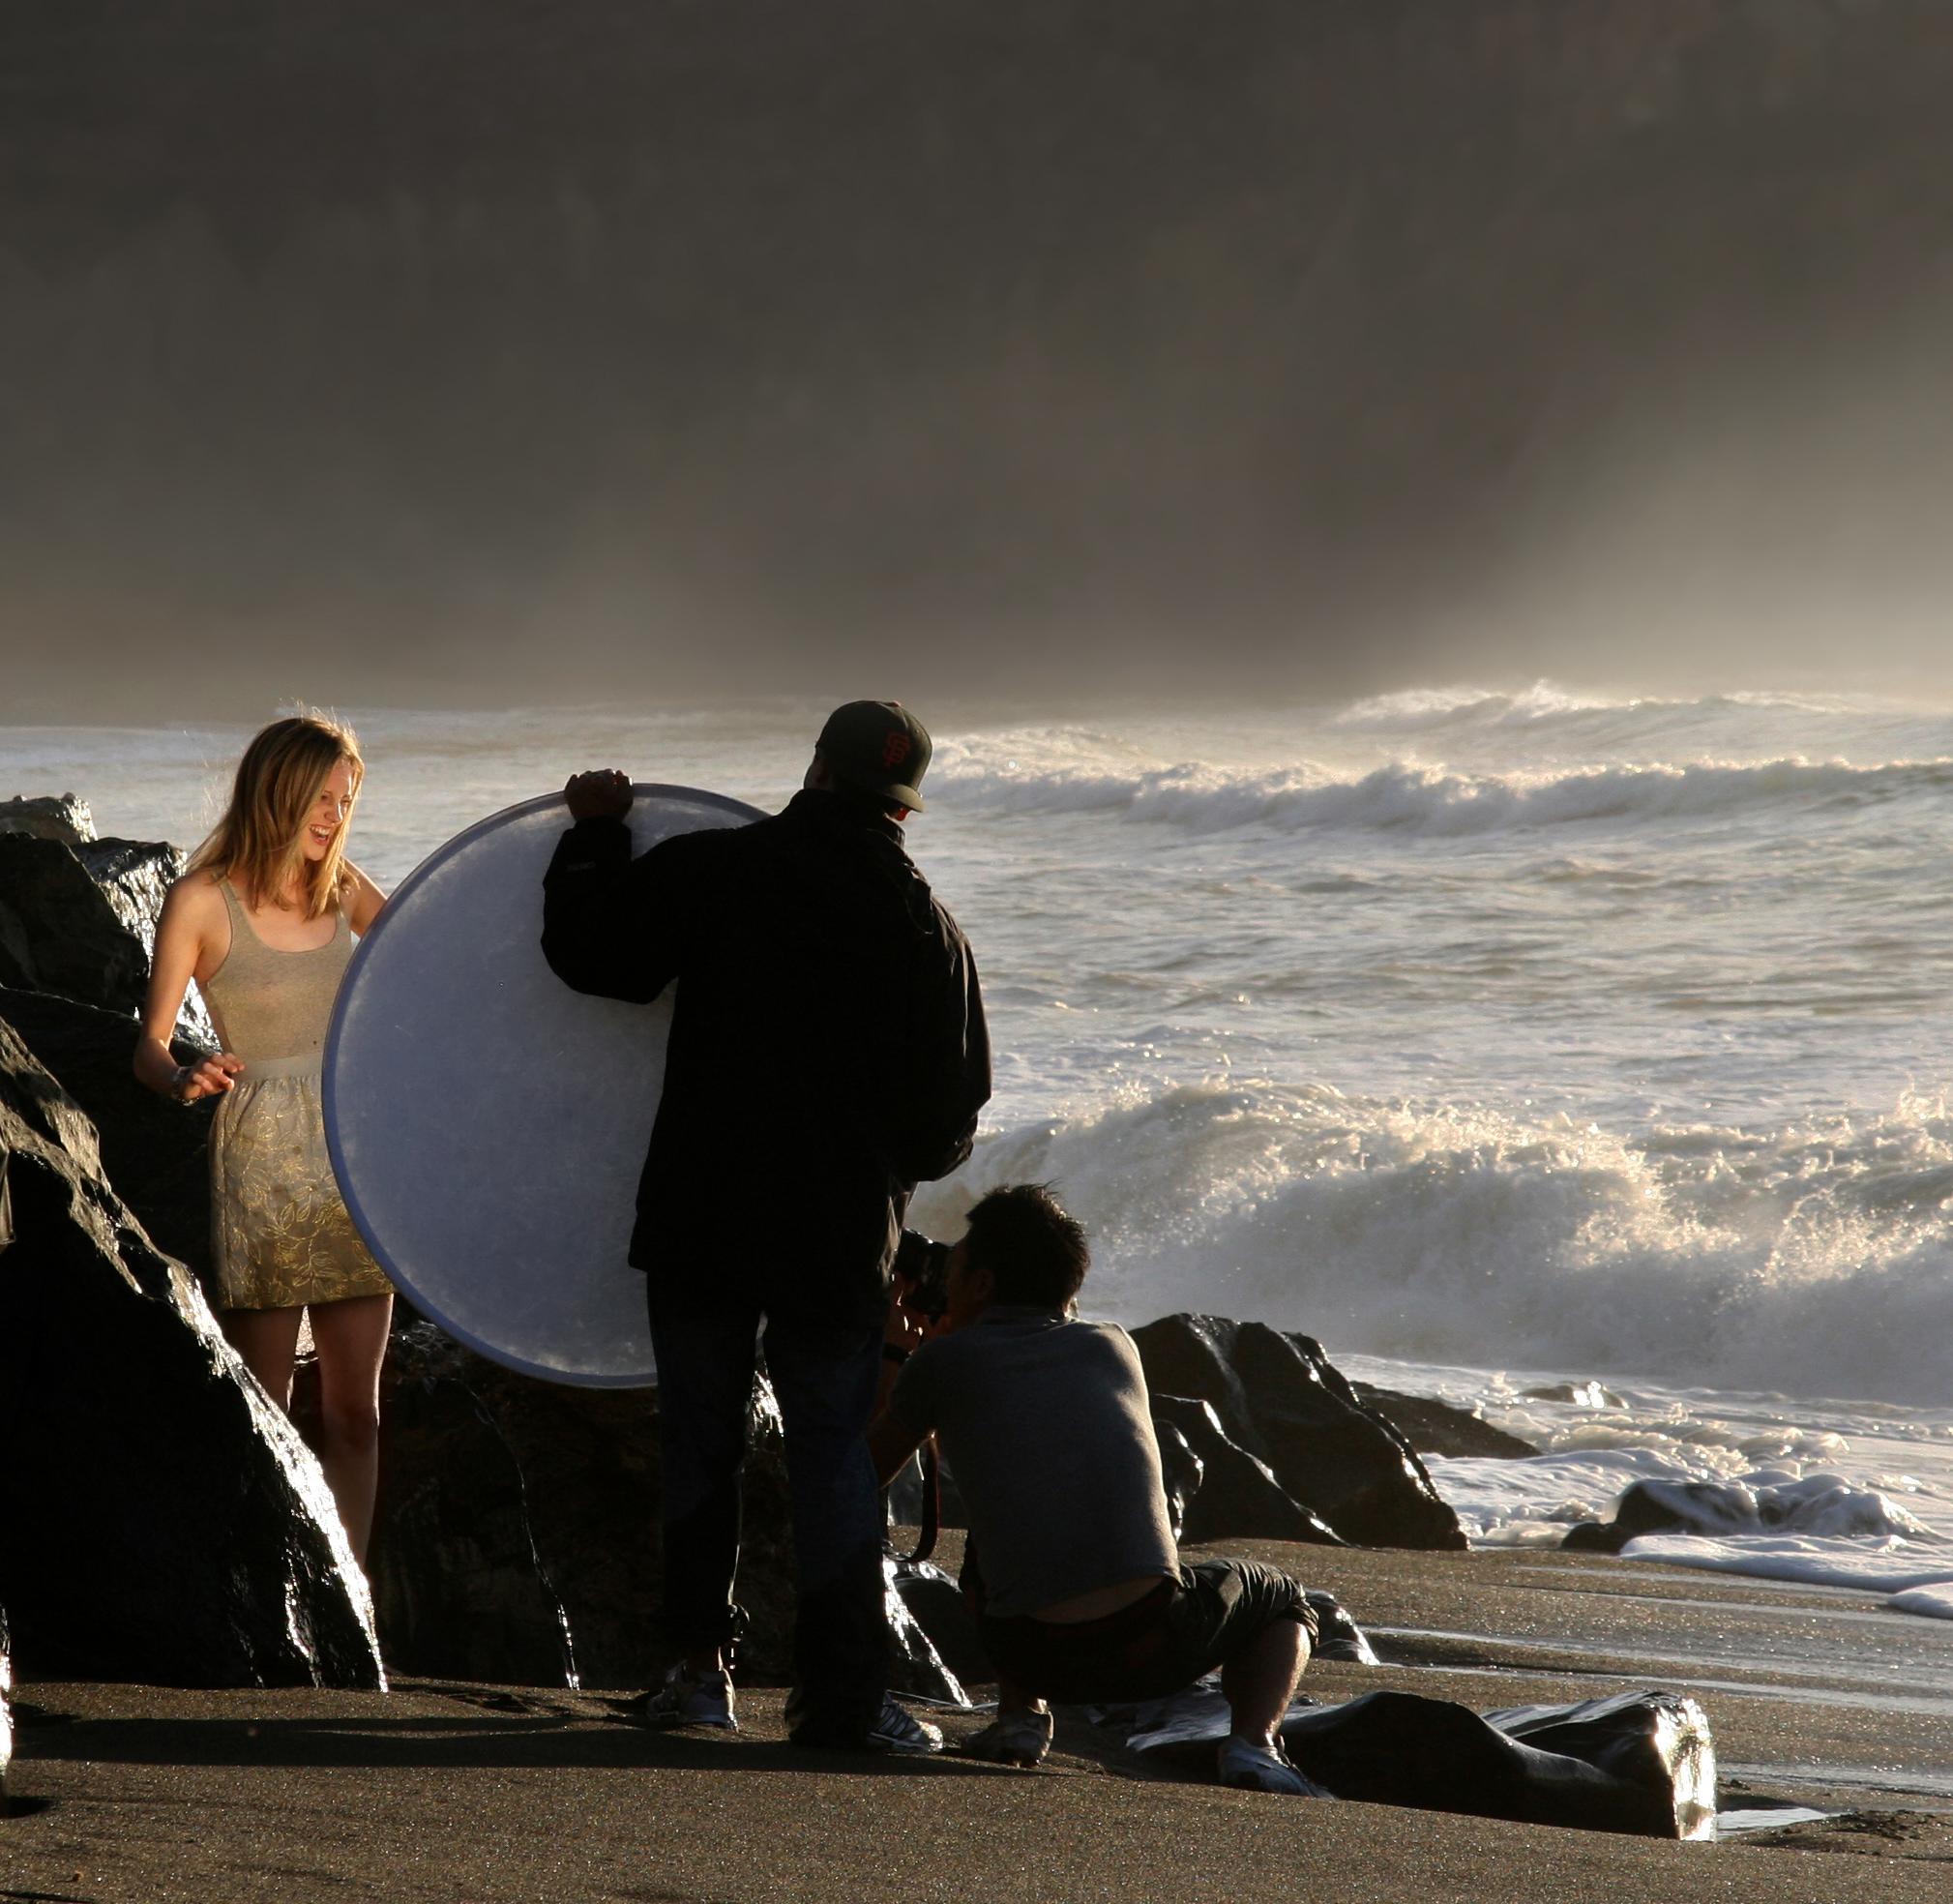 Come usare il riflettore di luce nelle fotografie? Diversi tipi di riflettori 1